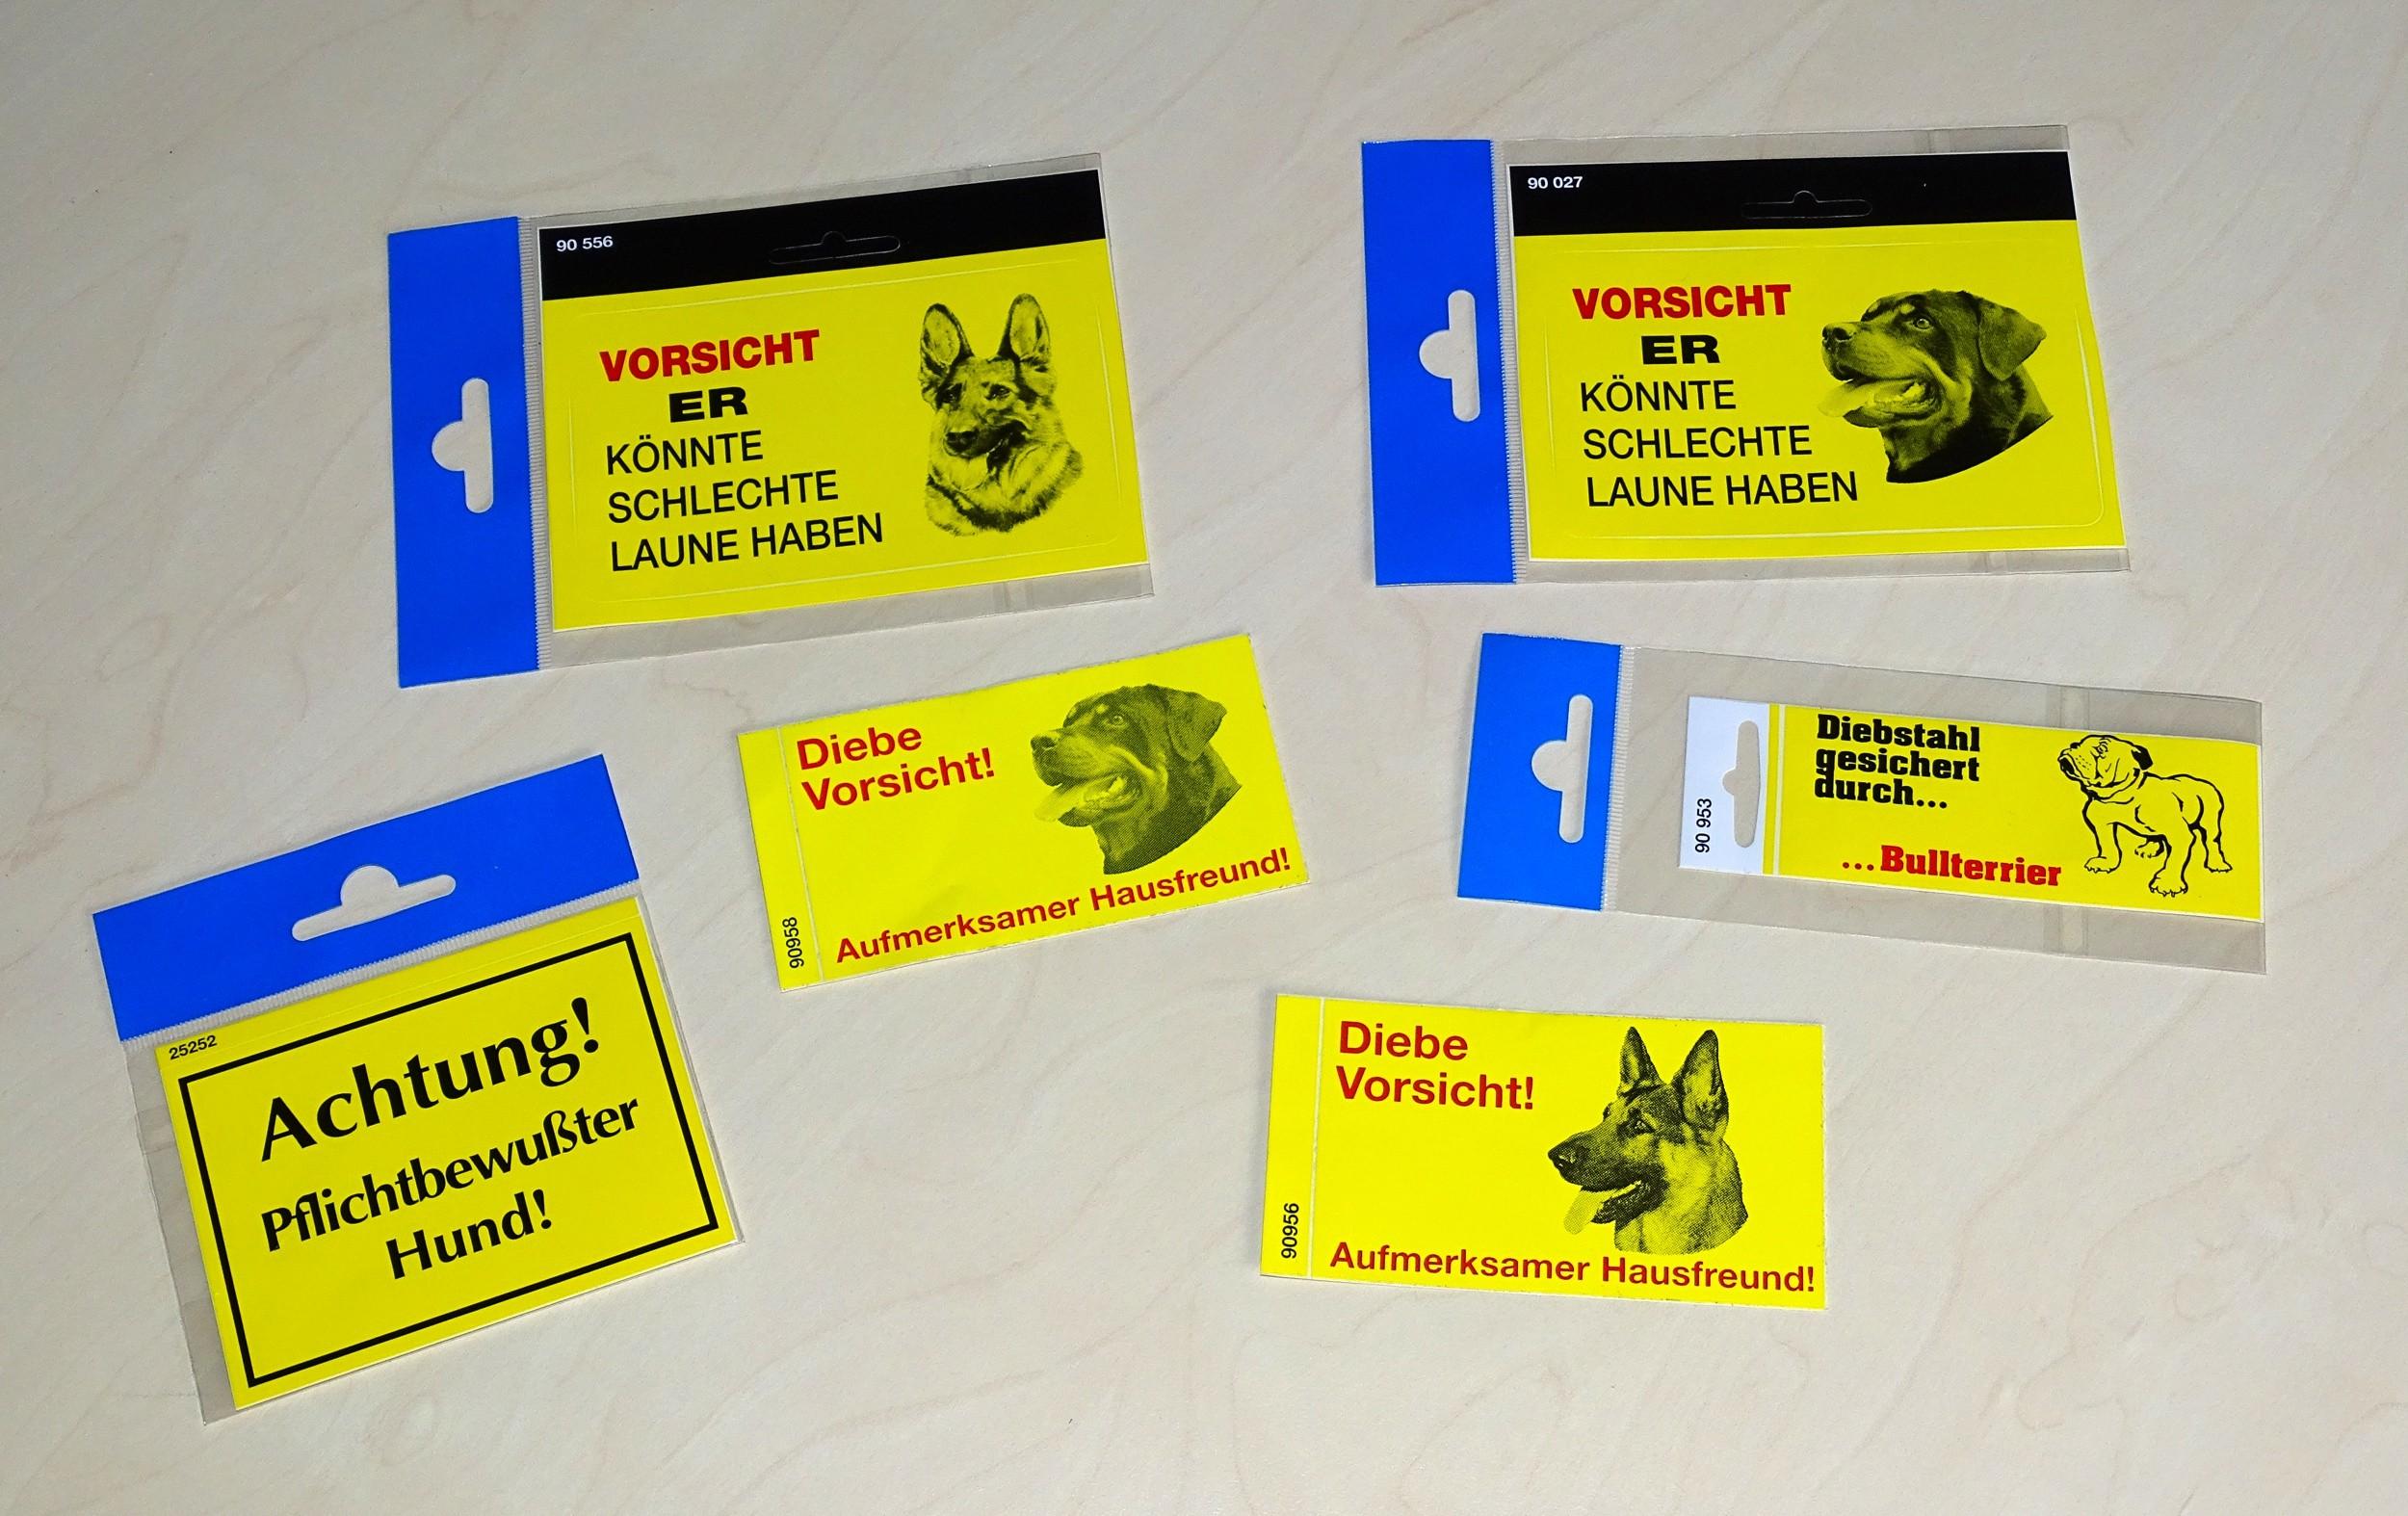 Aufkleber Hund Diebe Vorsicht! Aufmerksamer Hausfreund! – Bild 2